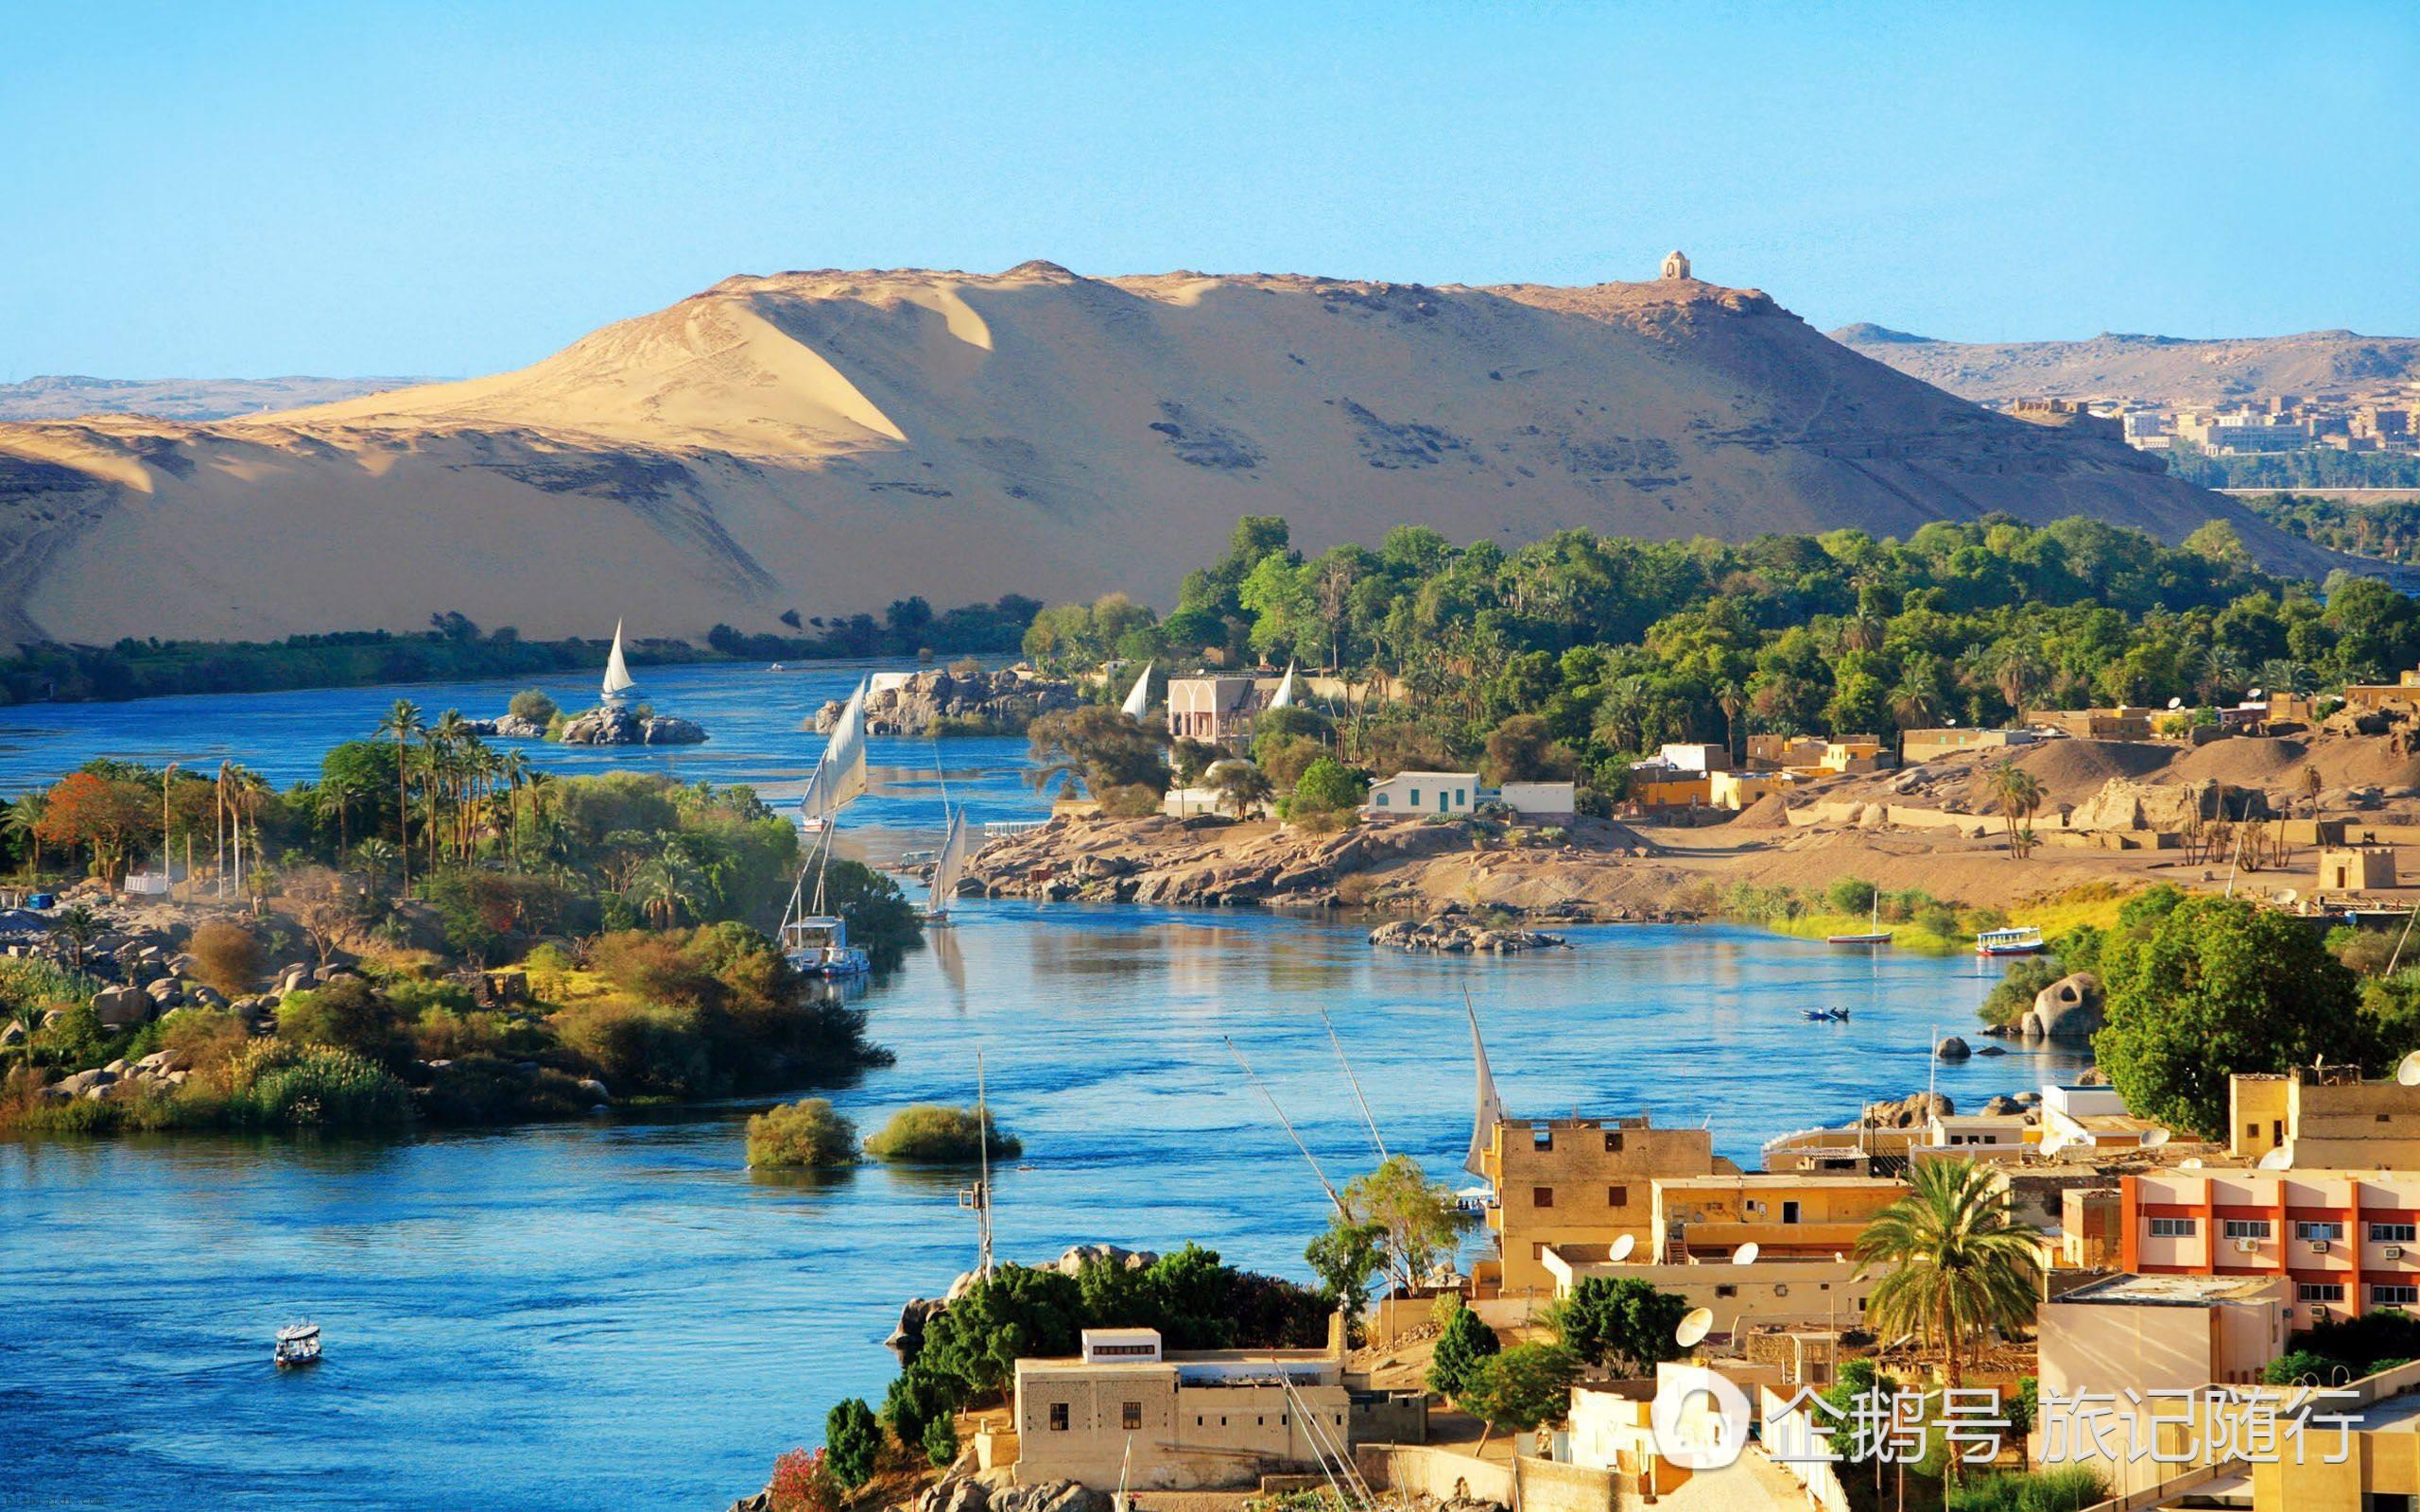 «وفاء النيل» عيد تقدير المصريين لعطاء النهر منذ 7 آلاف عام